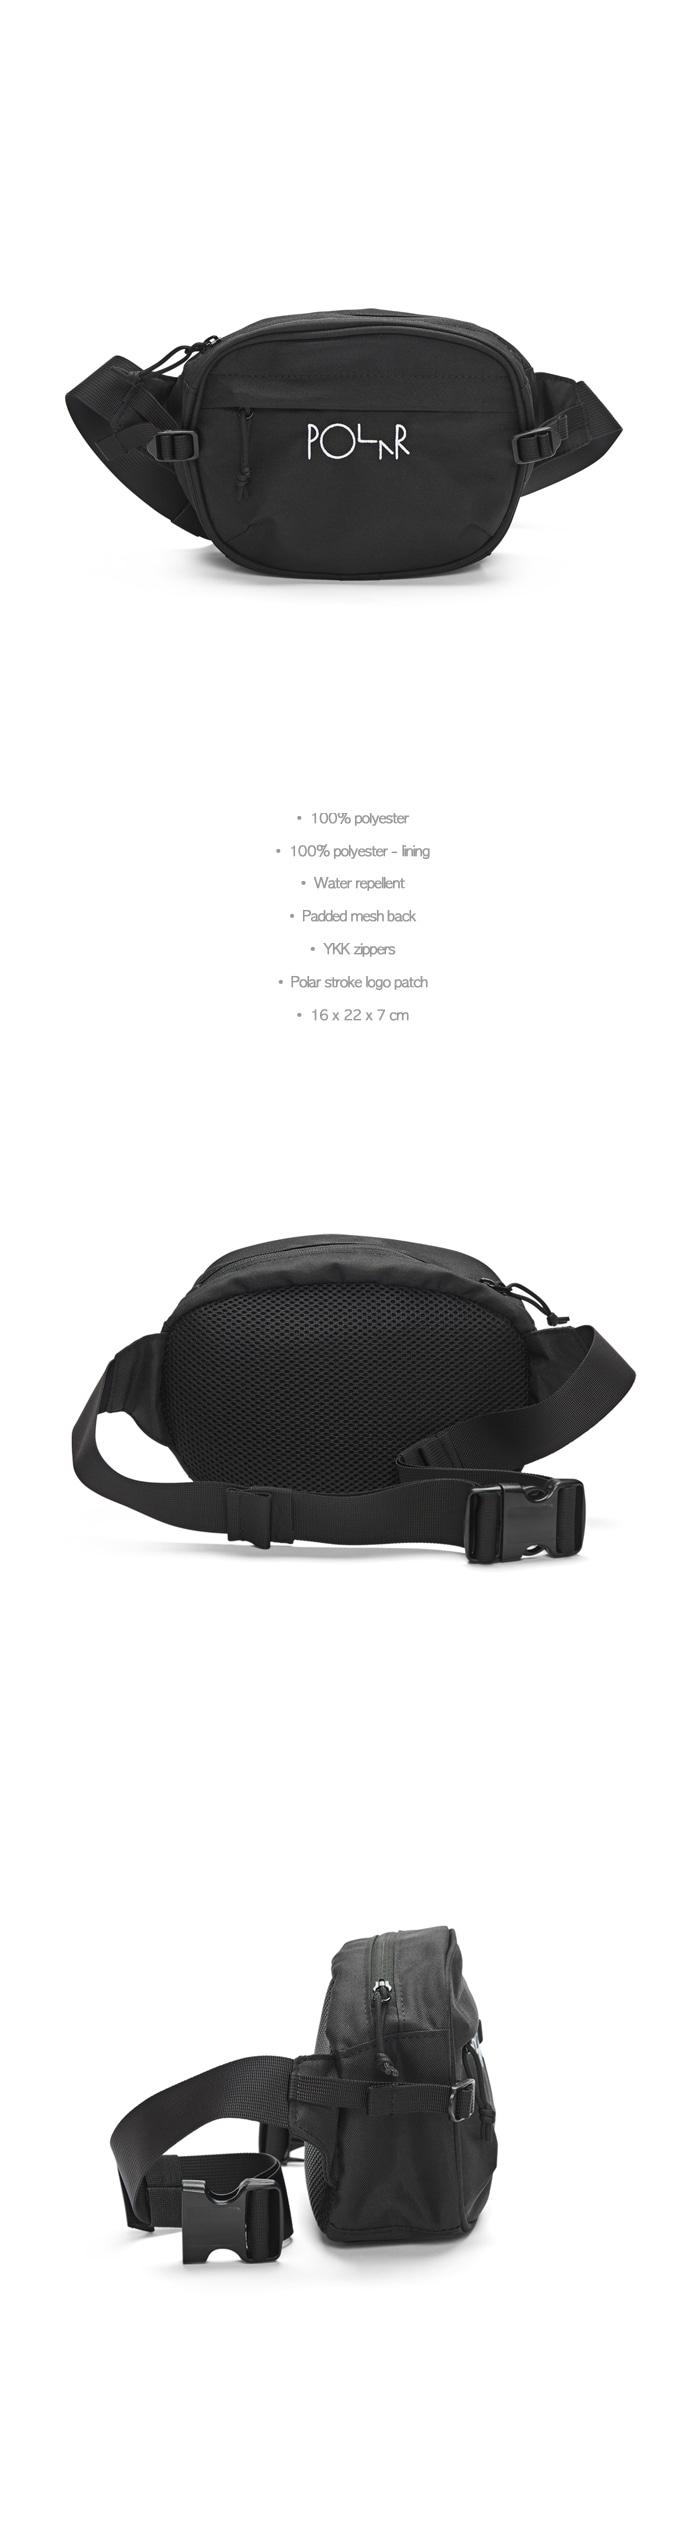 폴라(POLAR) Cordura Hip Bag - Black [SU19]